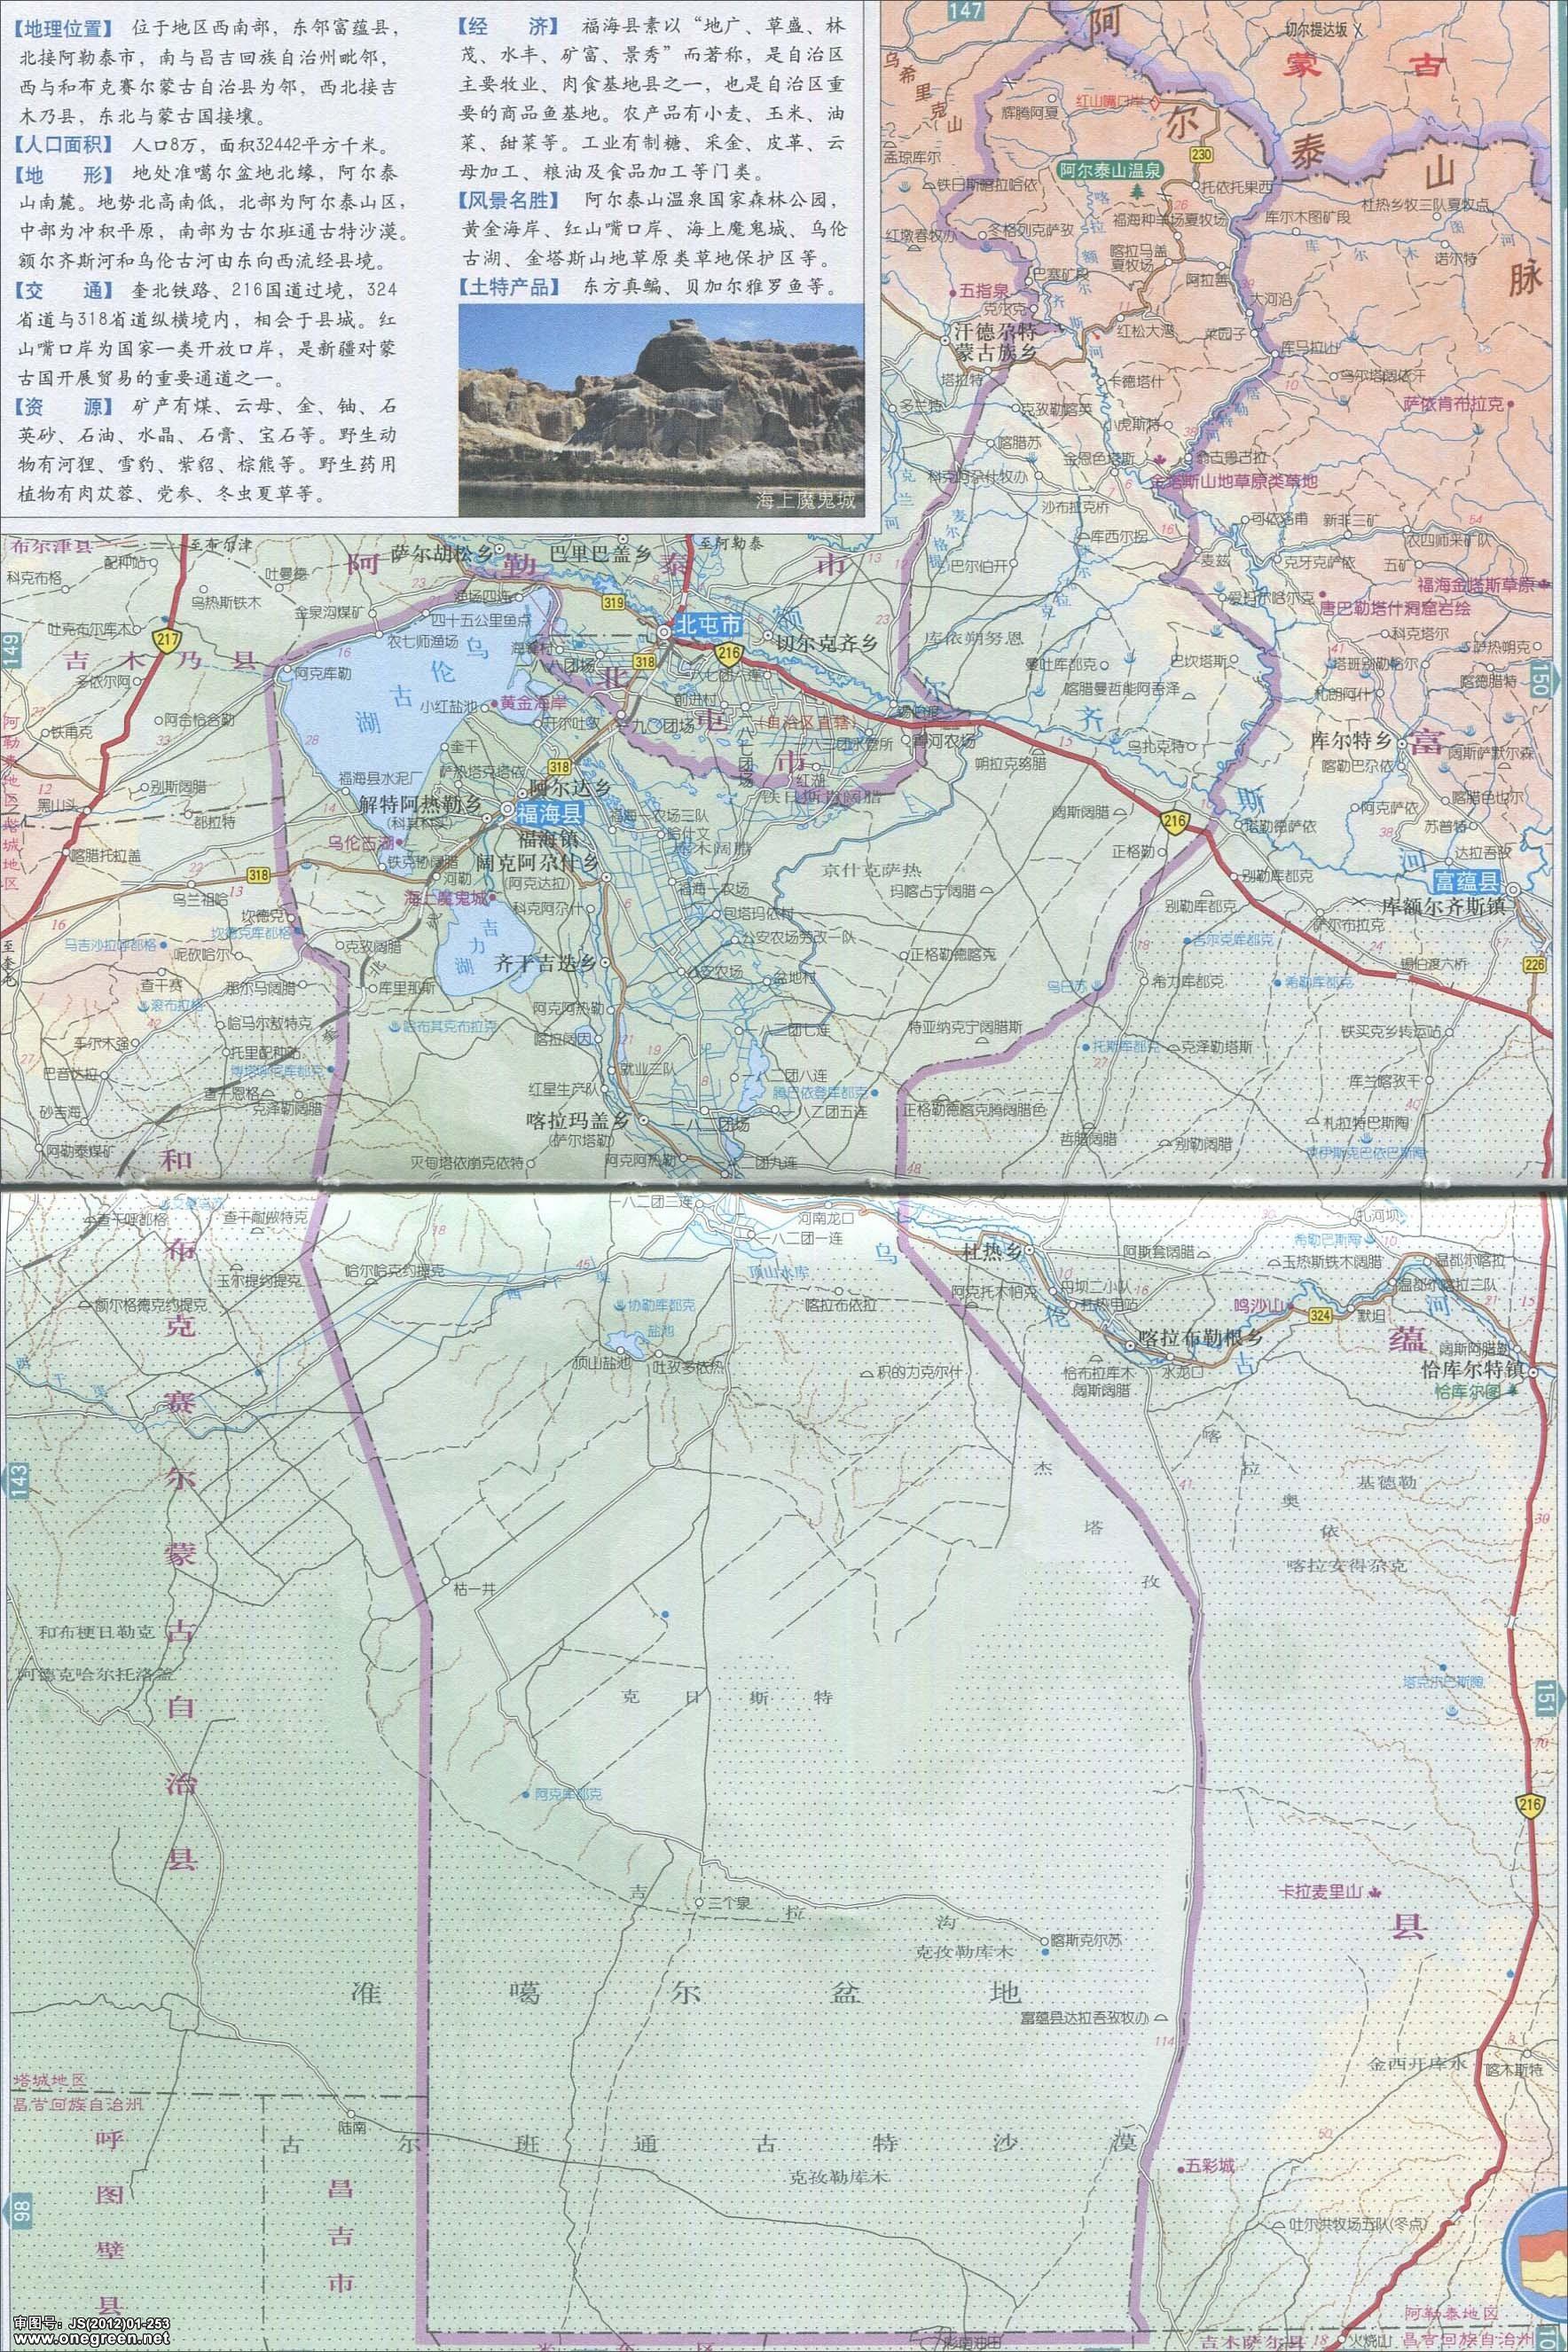 新疆阿勒泰地图_阿勒泰地区福海县地图_阿勒泰地图库_地图窝